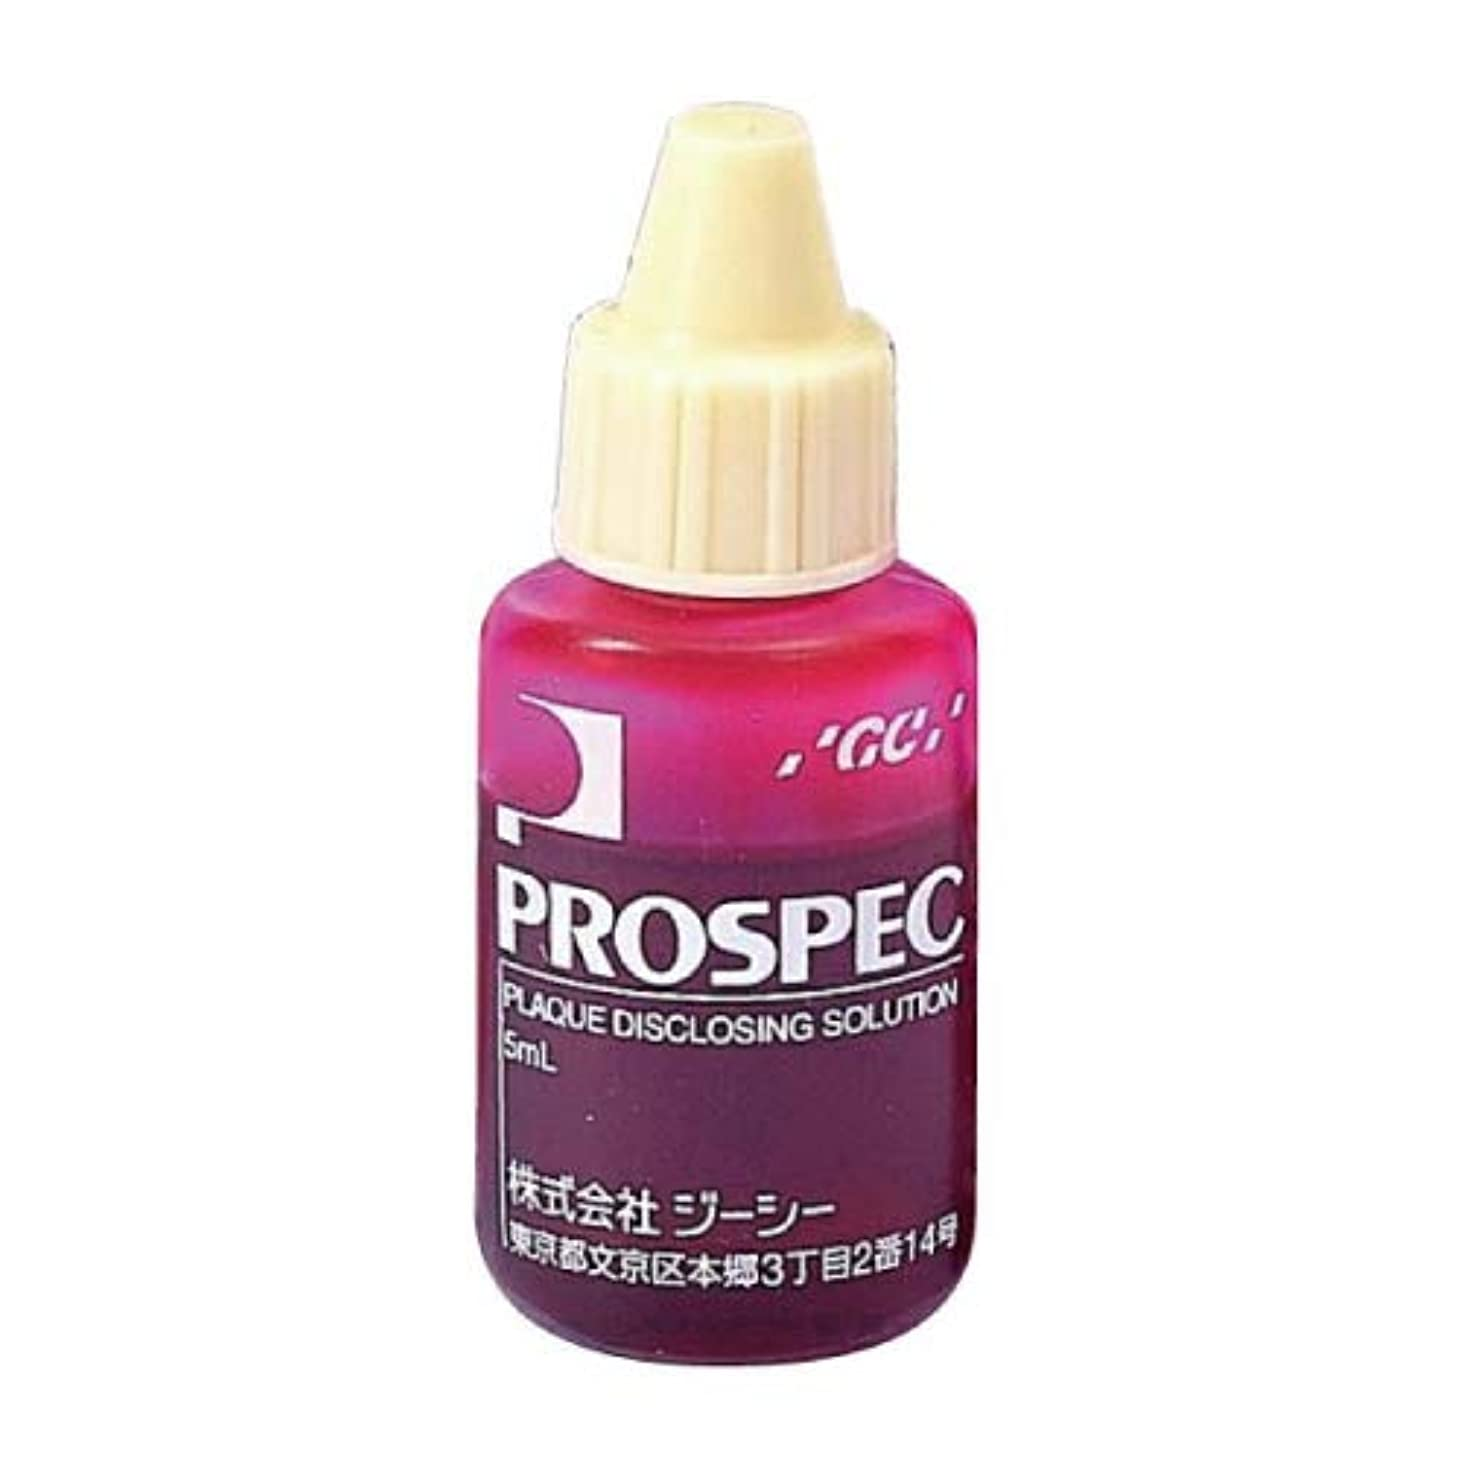 実り多い毒性ゲインセイジーシー GC プロスペック 歯垢染色液 5ml